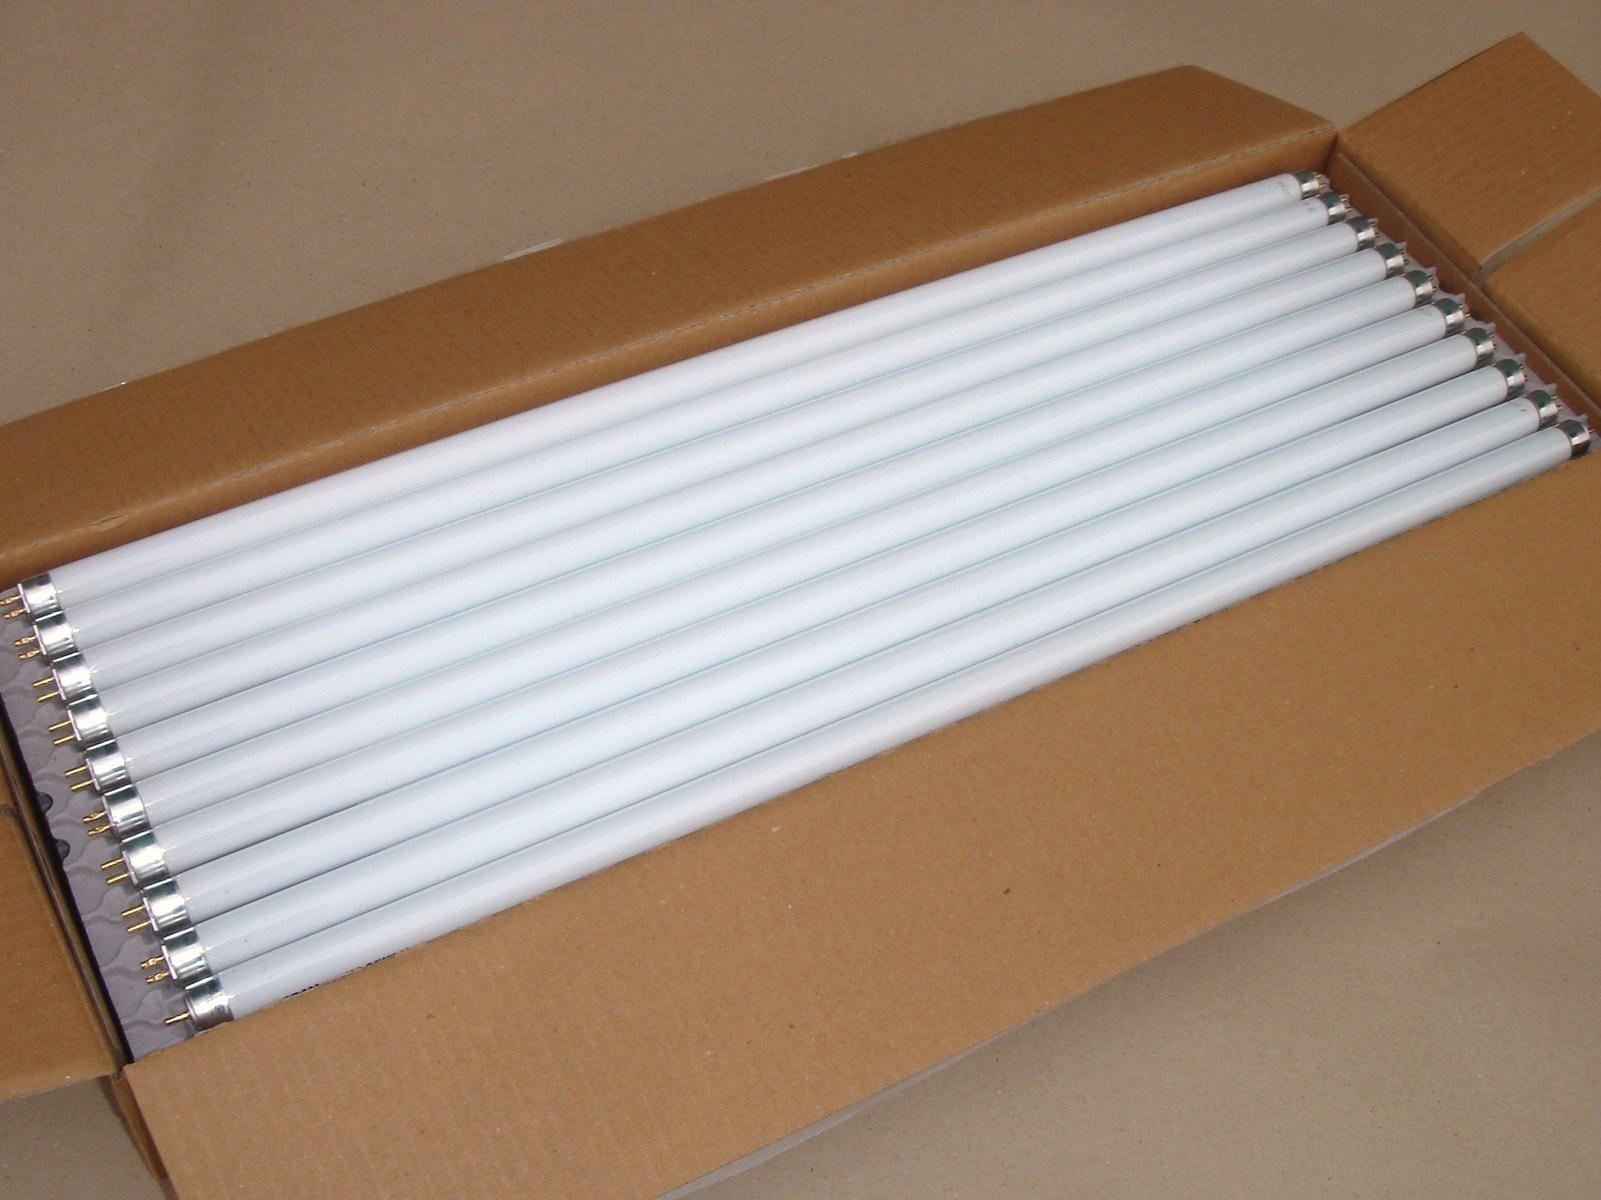 Luminofoortoru 14 W, T5, Master TL5 HE 14W/830, Philips, 639387